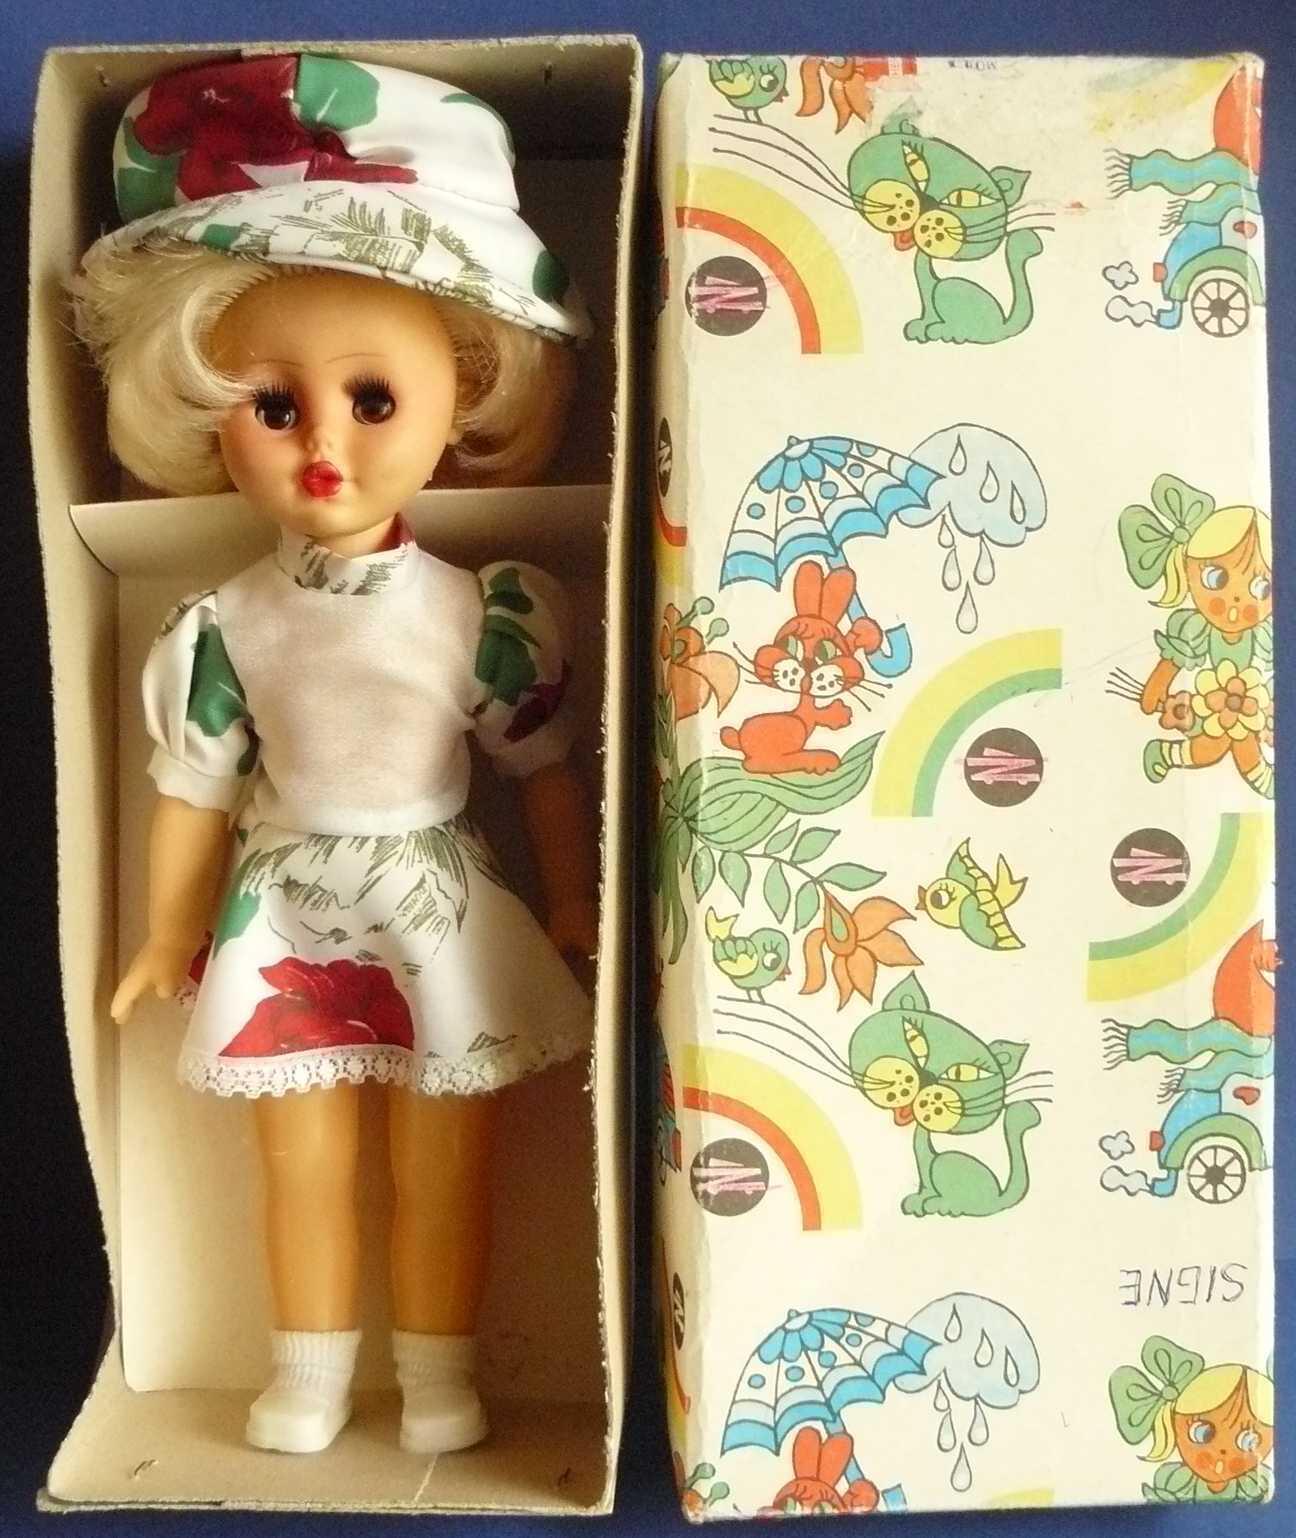 1988 Soviet Russia USSR Lithuanian SSR Doll  RASJALE  in Box UNUSED